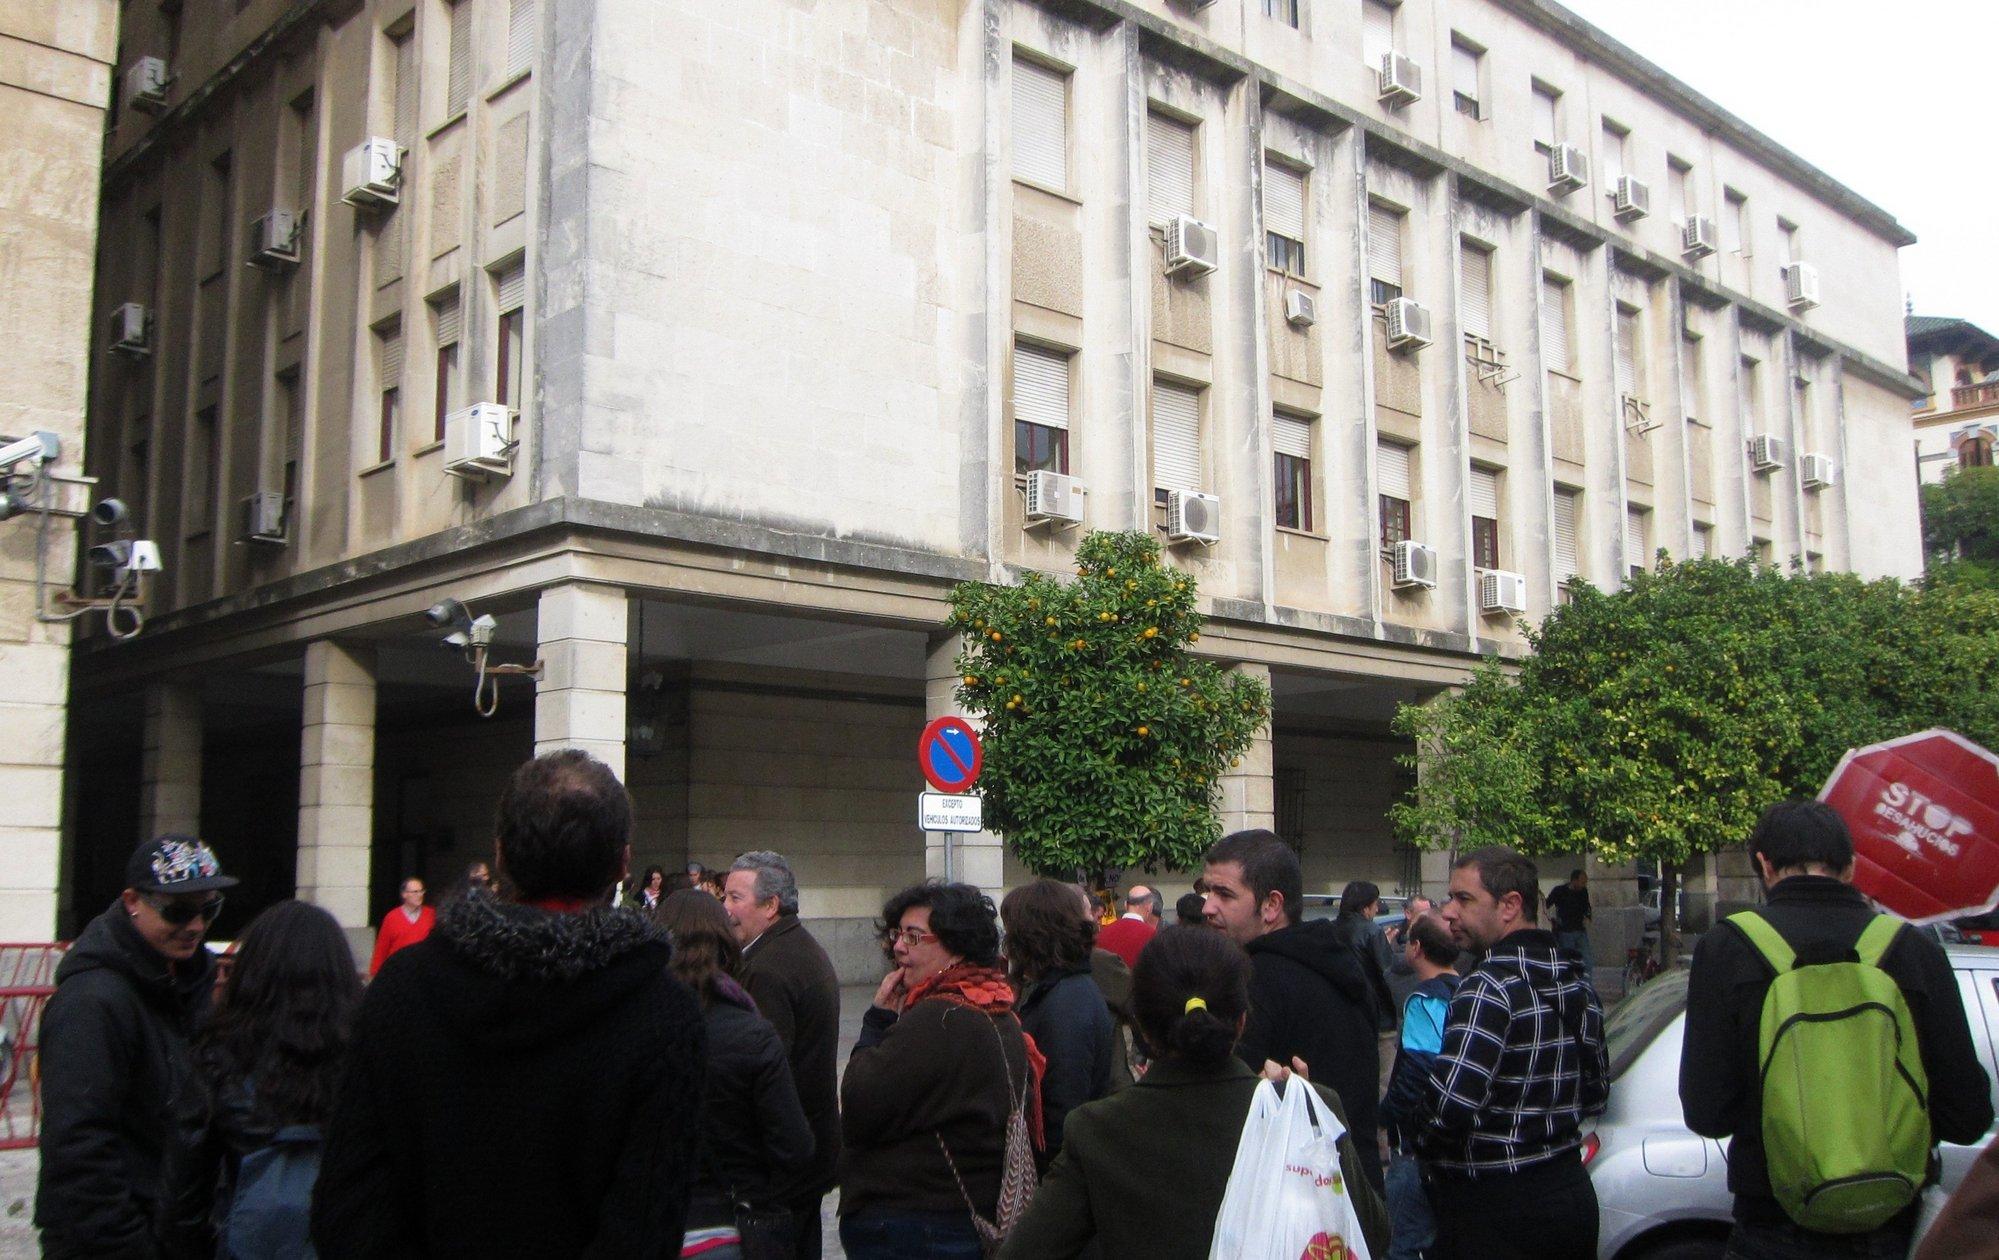 Los cinco detenidos en la ocupación de un edificio en la Alameda, a disposición judicial este domingo